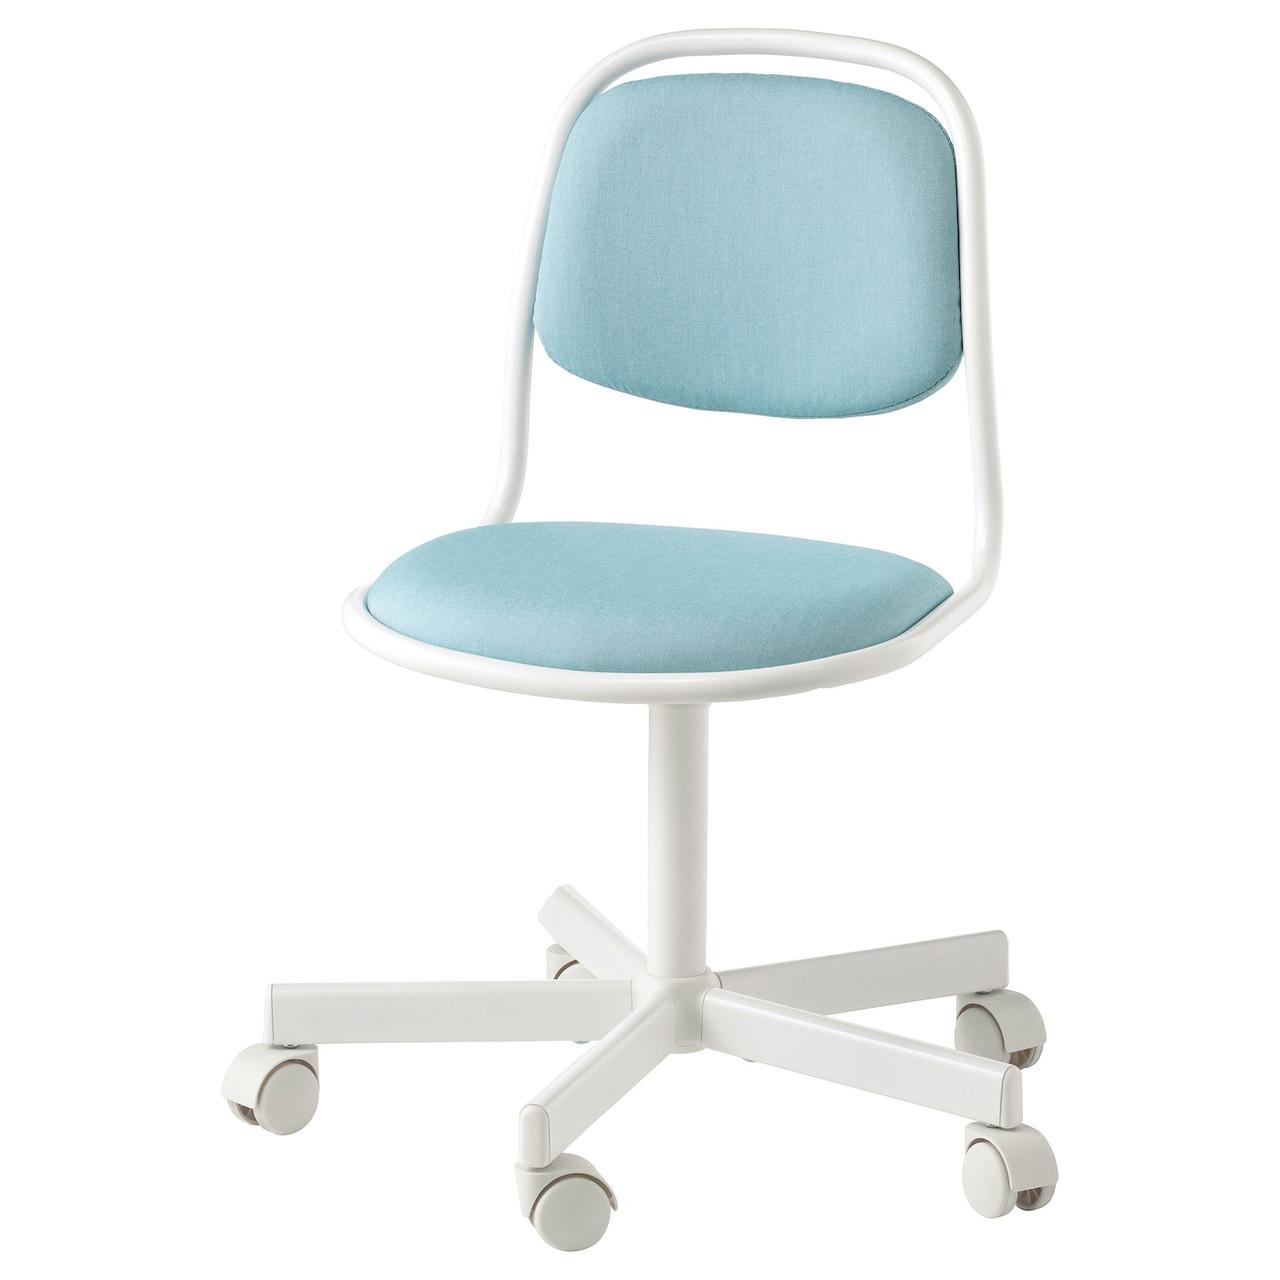 Детское компьютерное кресло IKEA ÖRFJÄLL Vissle голубое 604.417.79